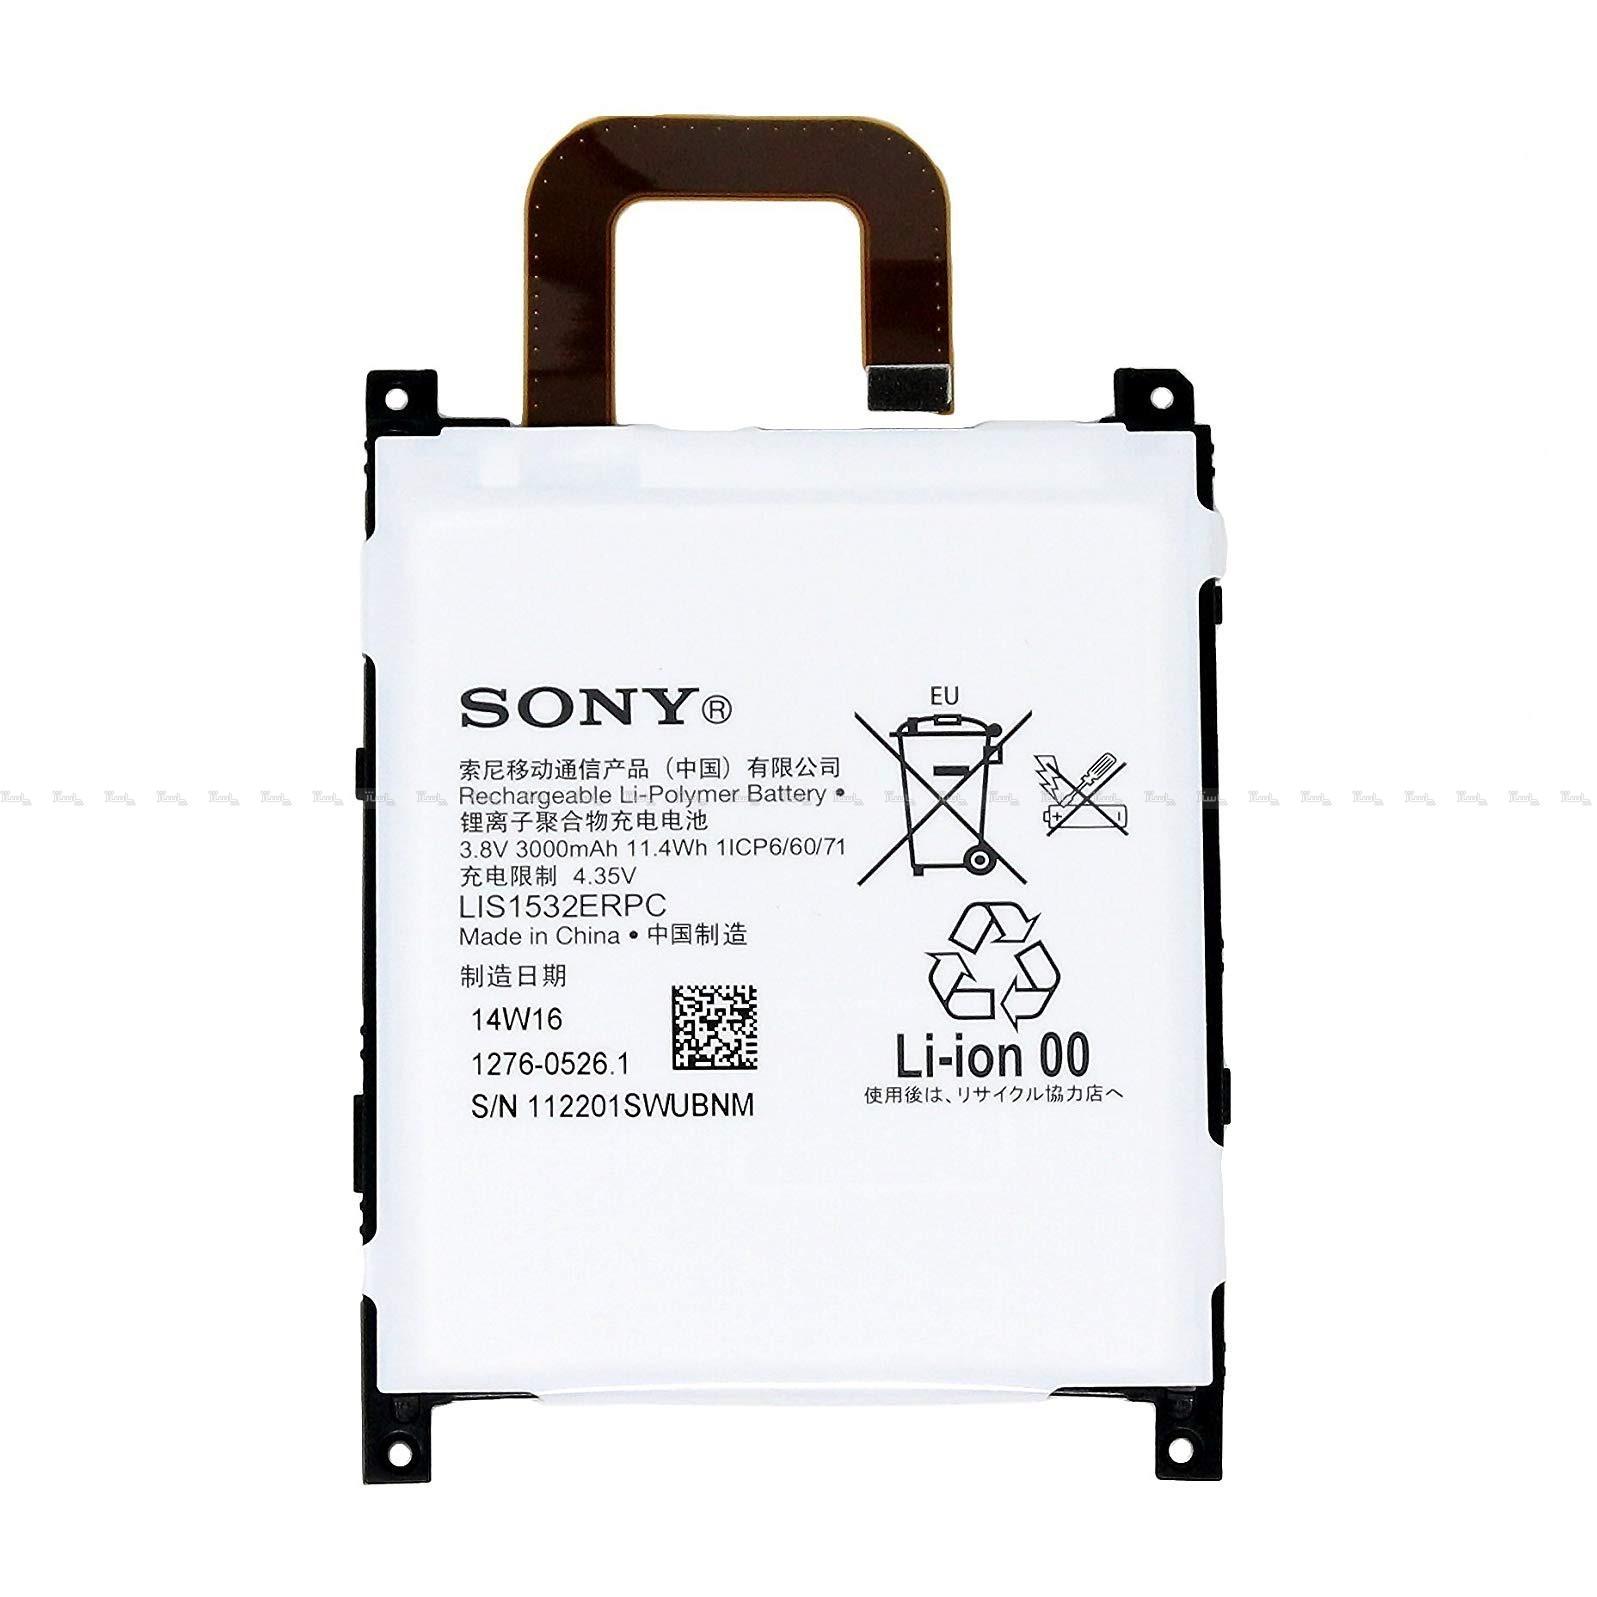 باتری موبایل سونی Xperia Z1 4G با کد فنی LIS1532ERPC-تصویر اصلی